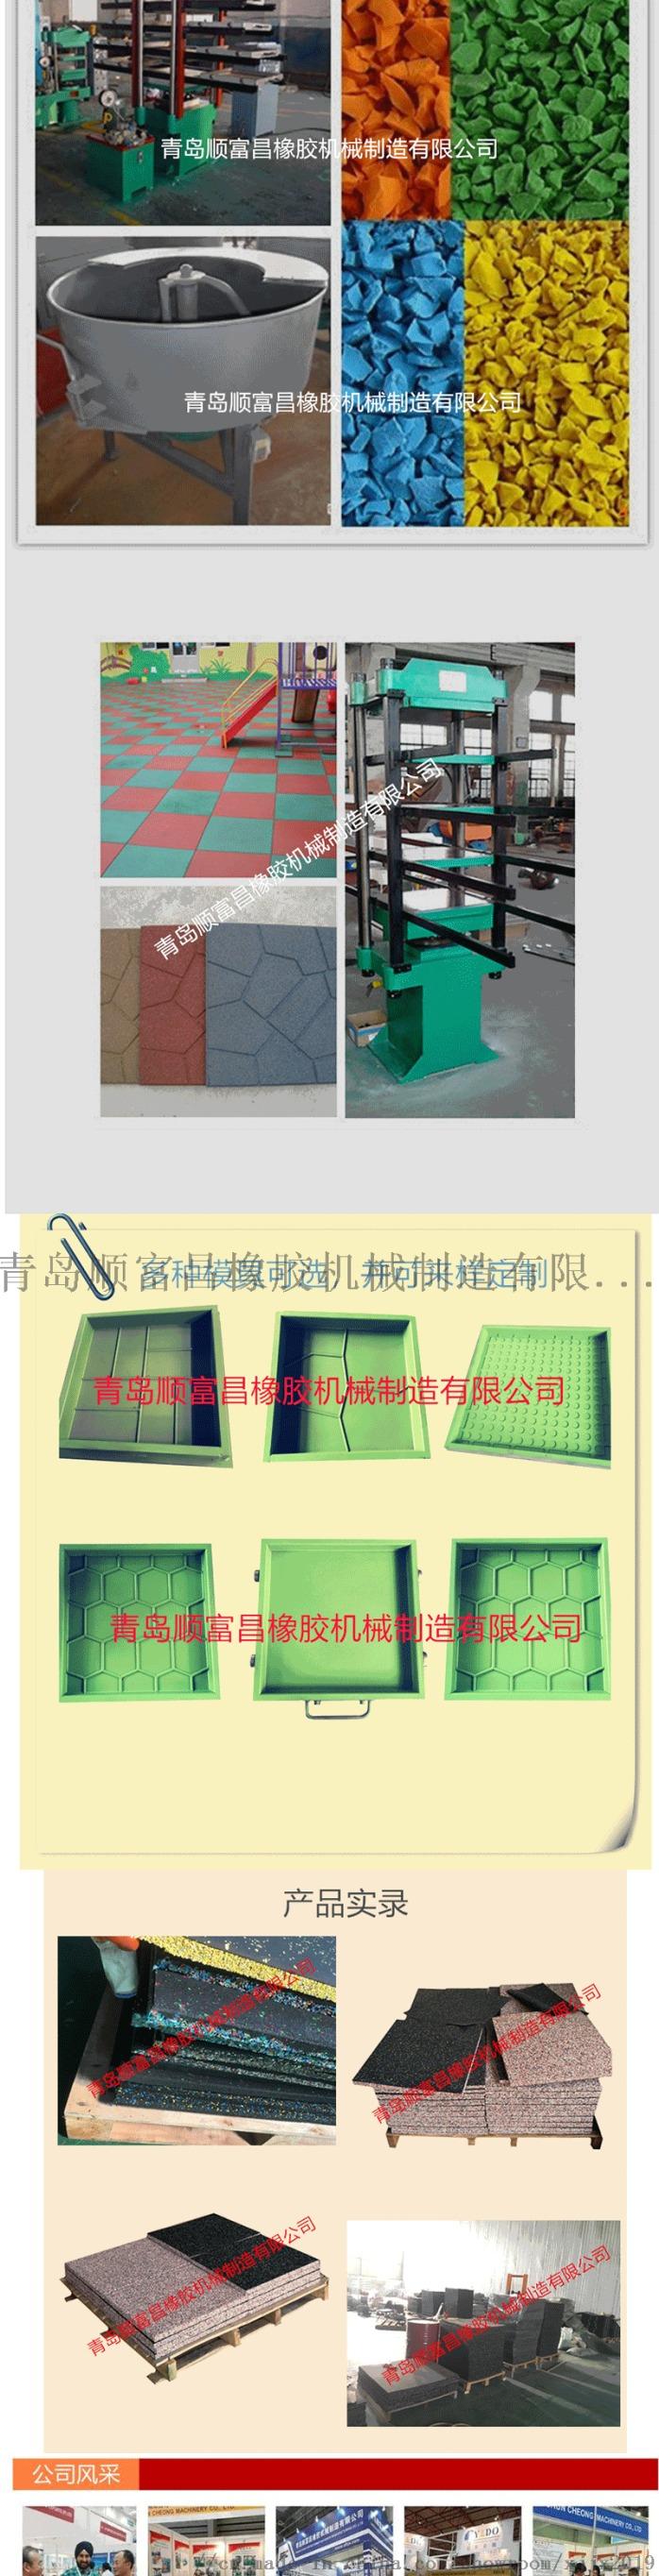 橡膠地板熱壓機廠家直銷,地板---全球塑膠網_02.gif